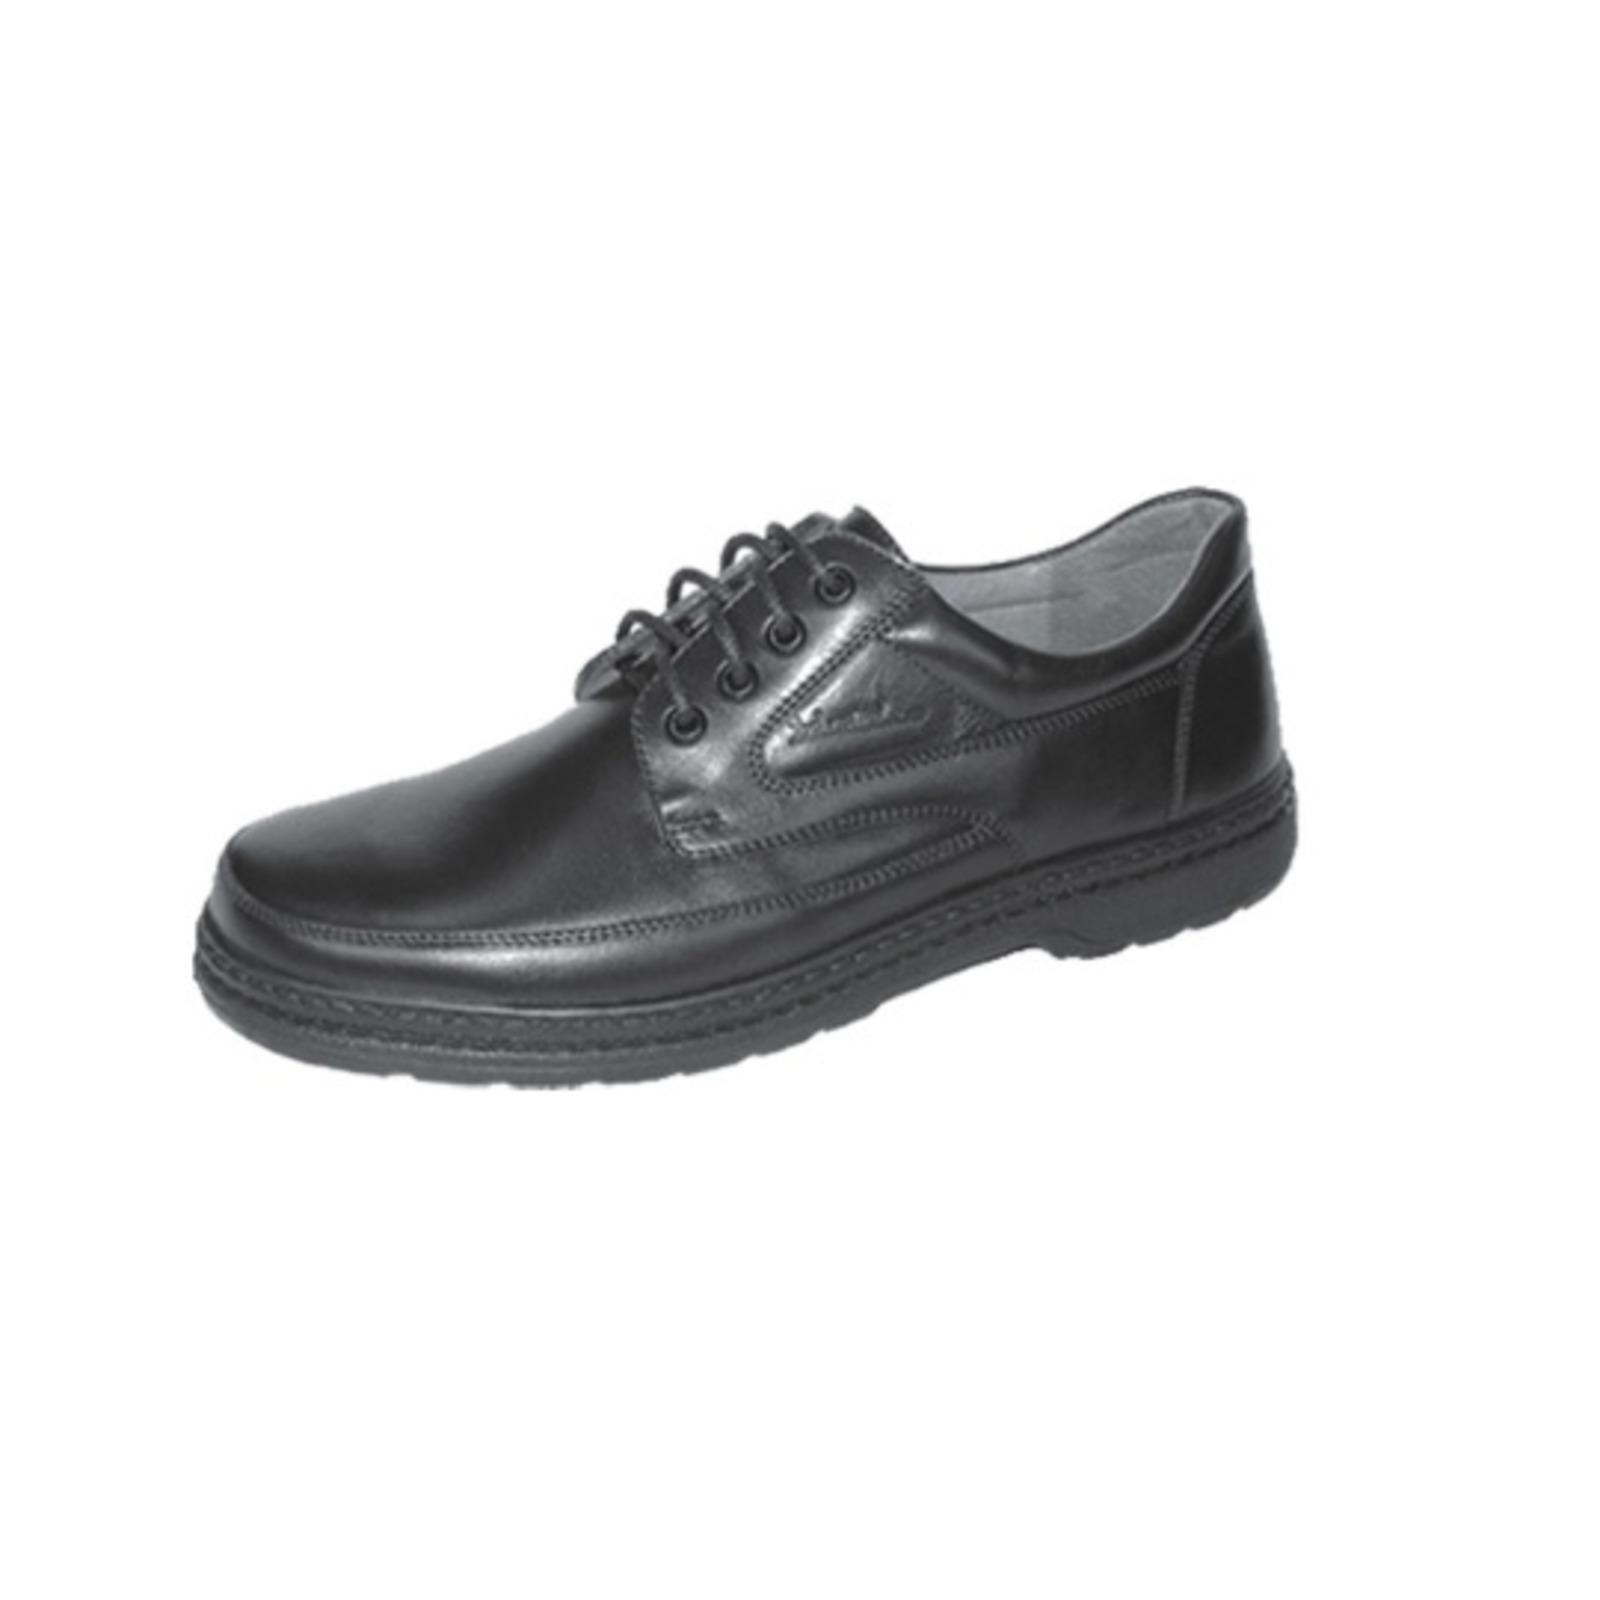 Мужские полуботинки на шнуровке